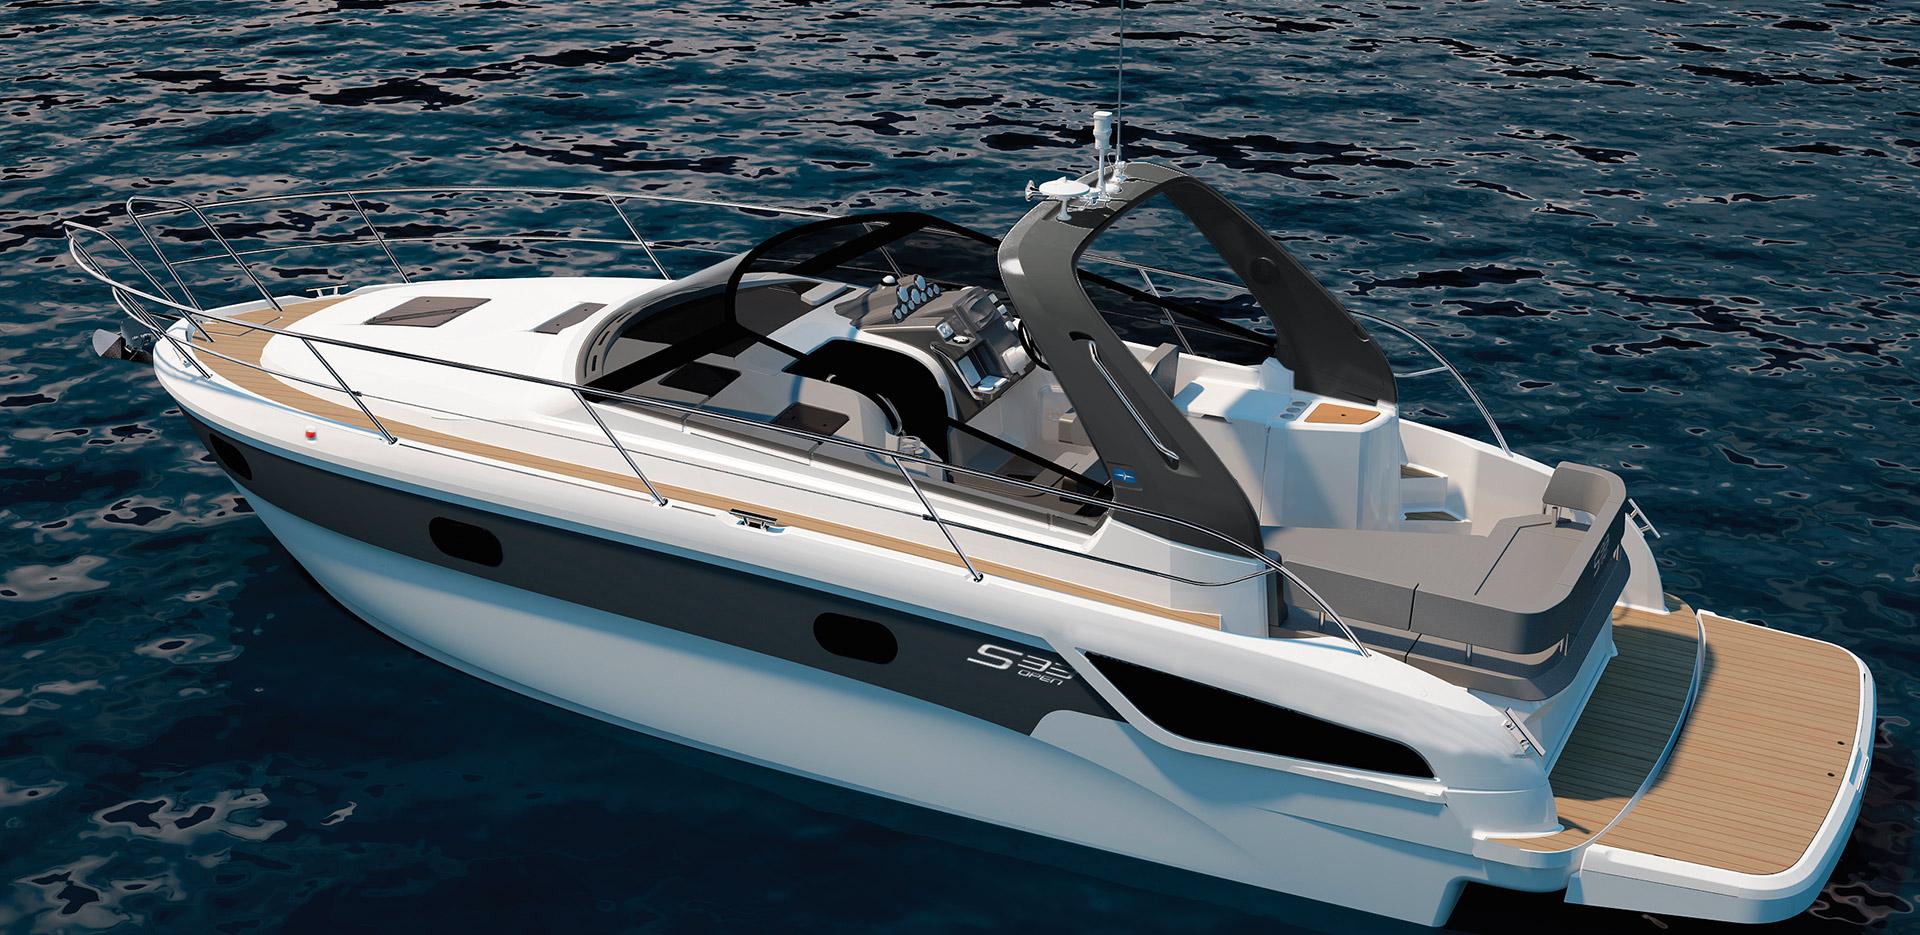 BAVARIA S33 Open - Bavaria Yachts - Drettmann Yachts